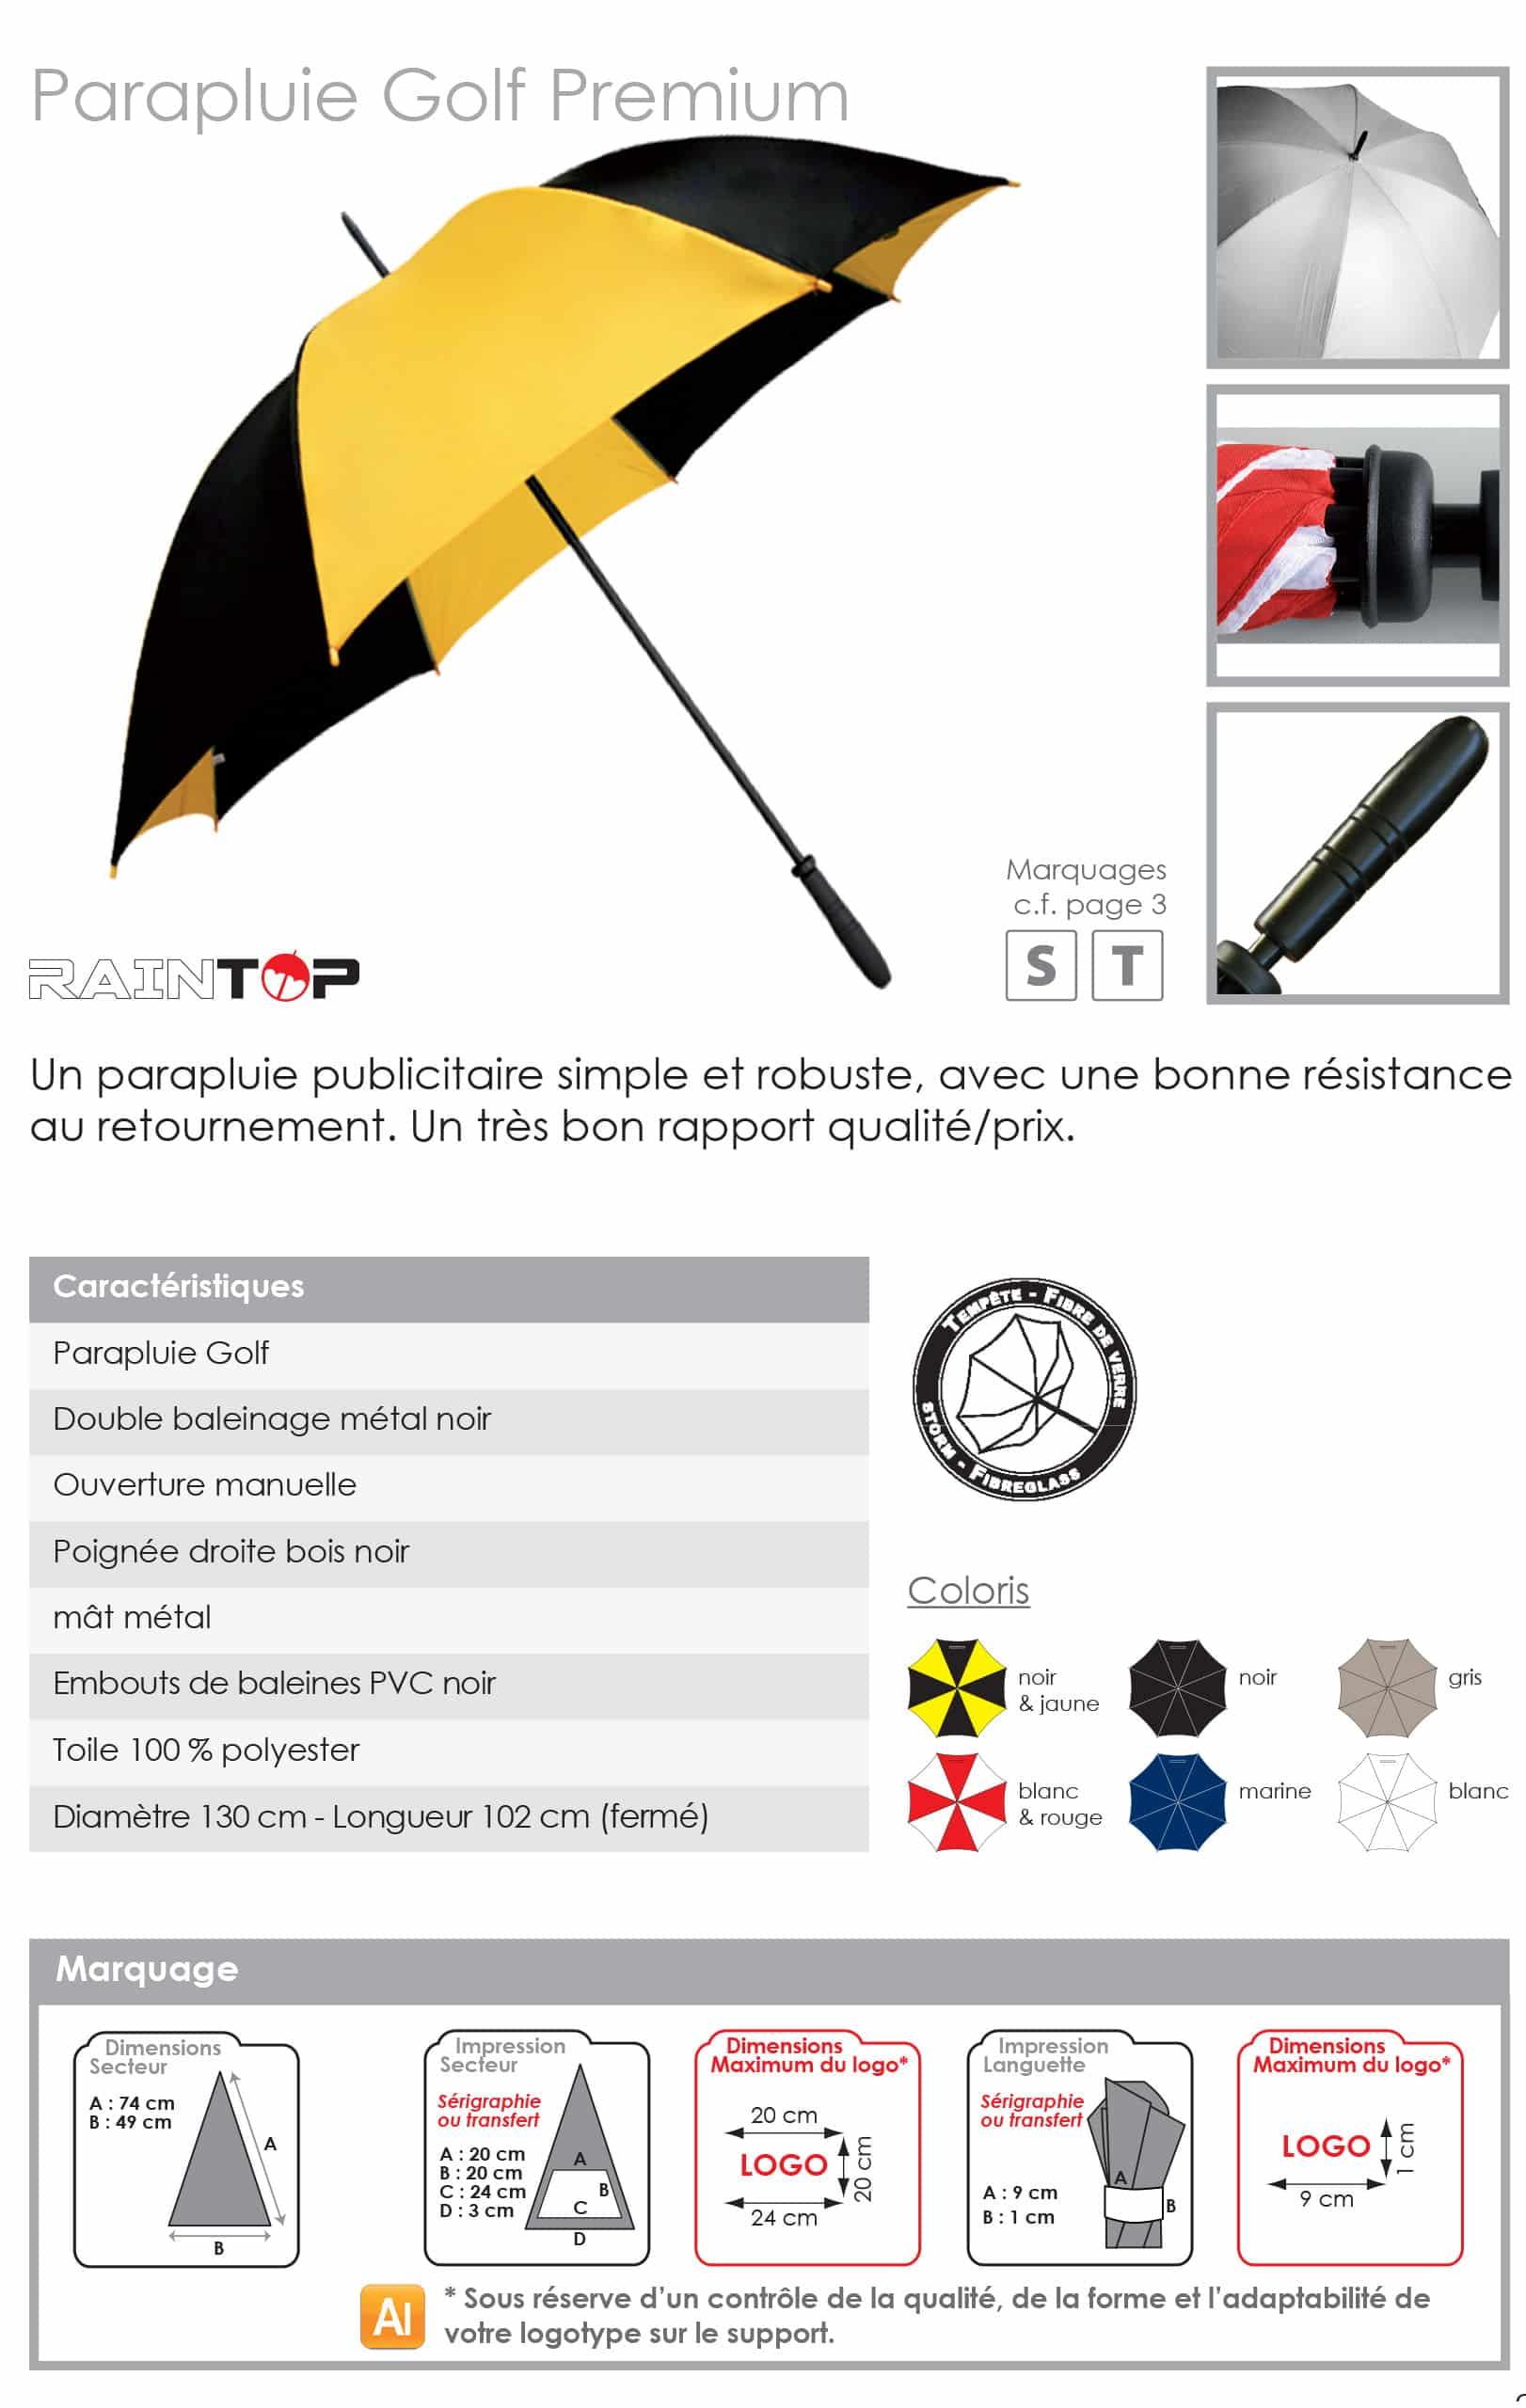 parapluie publicitaire golf personnalisable